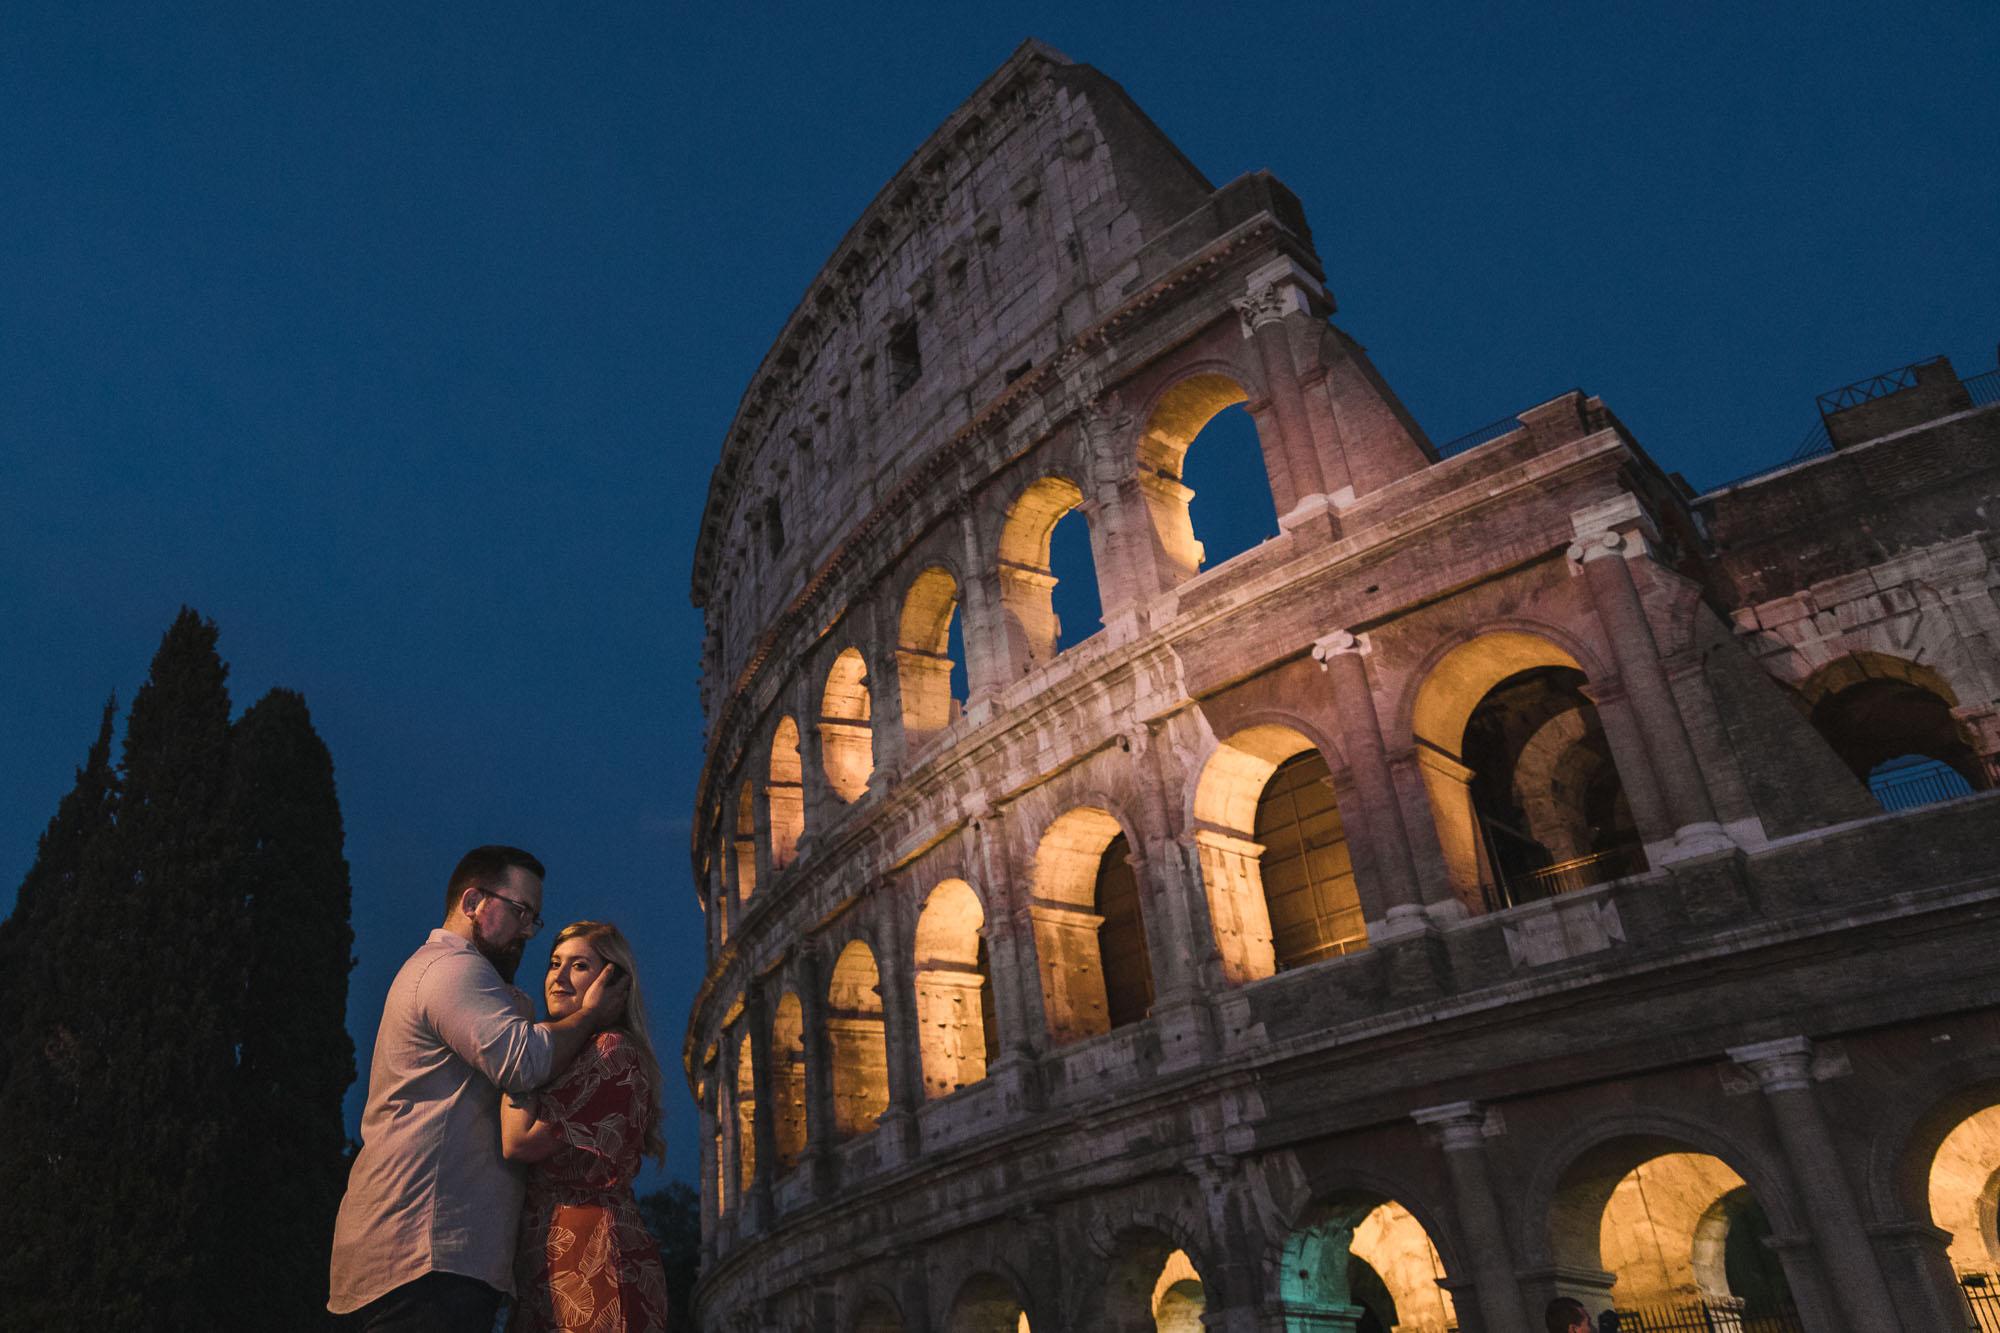 Rome_anniversary_photoshoot-1886.jpg